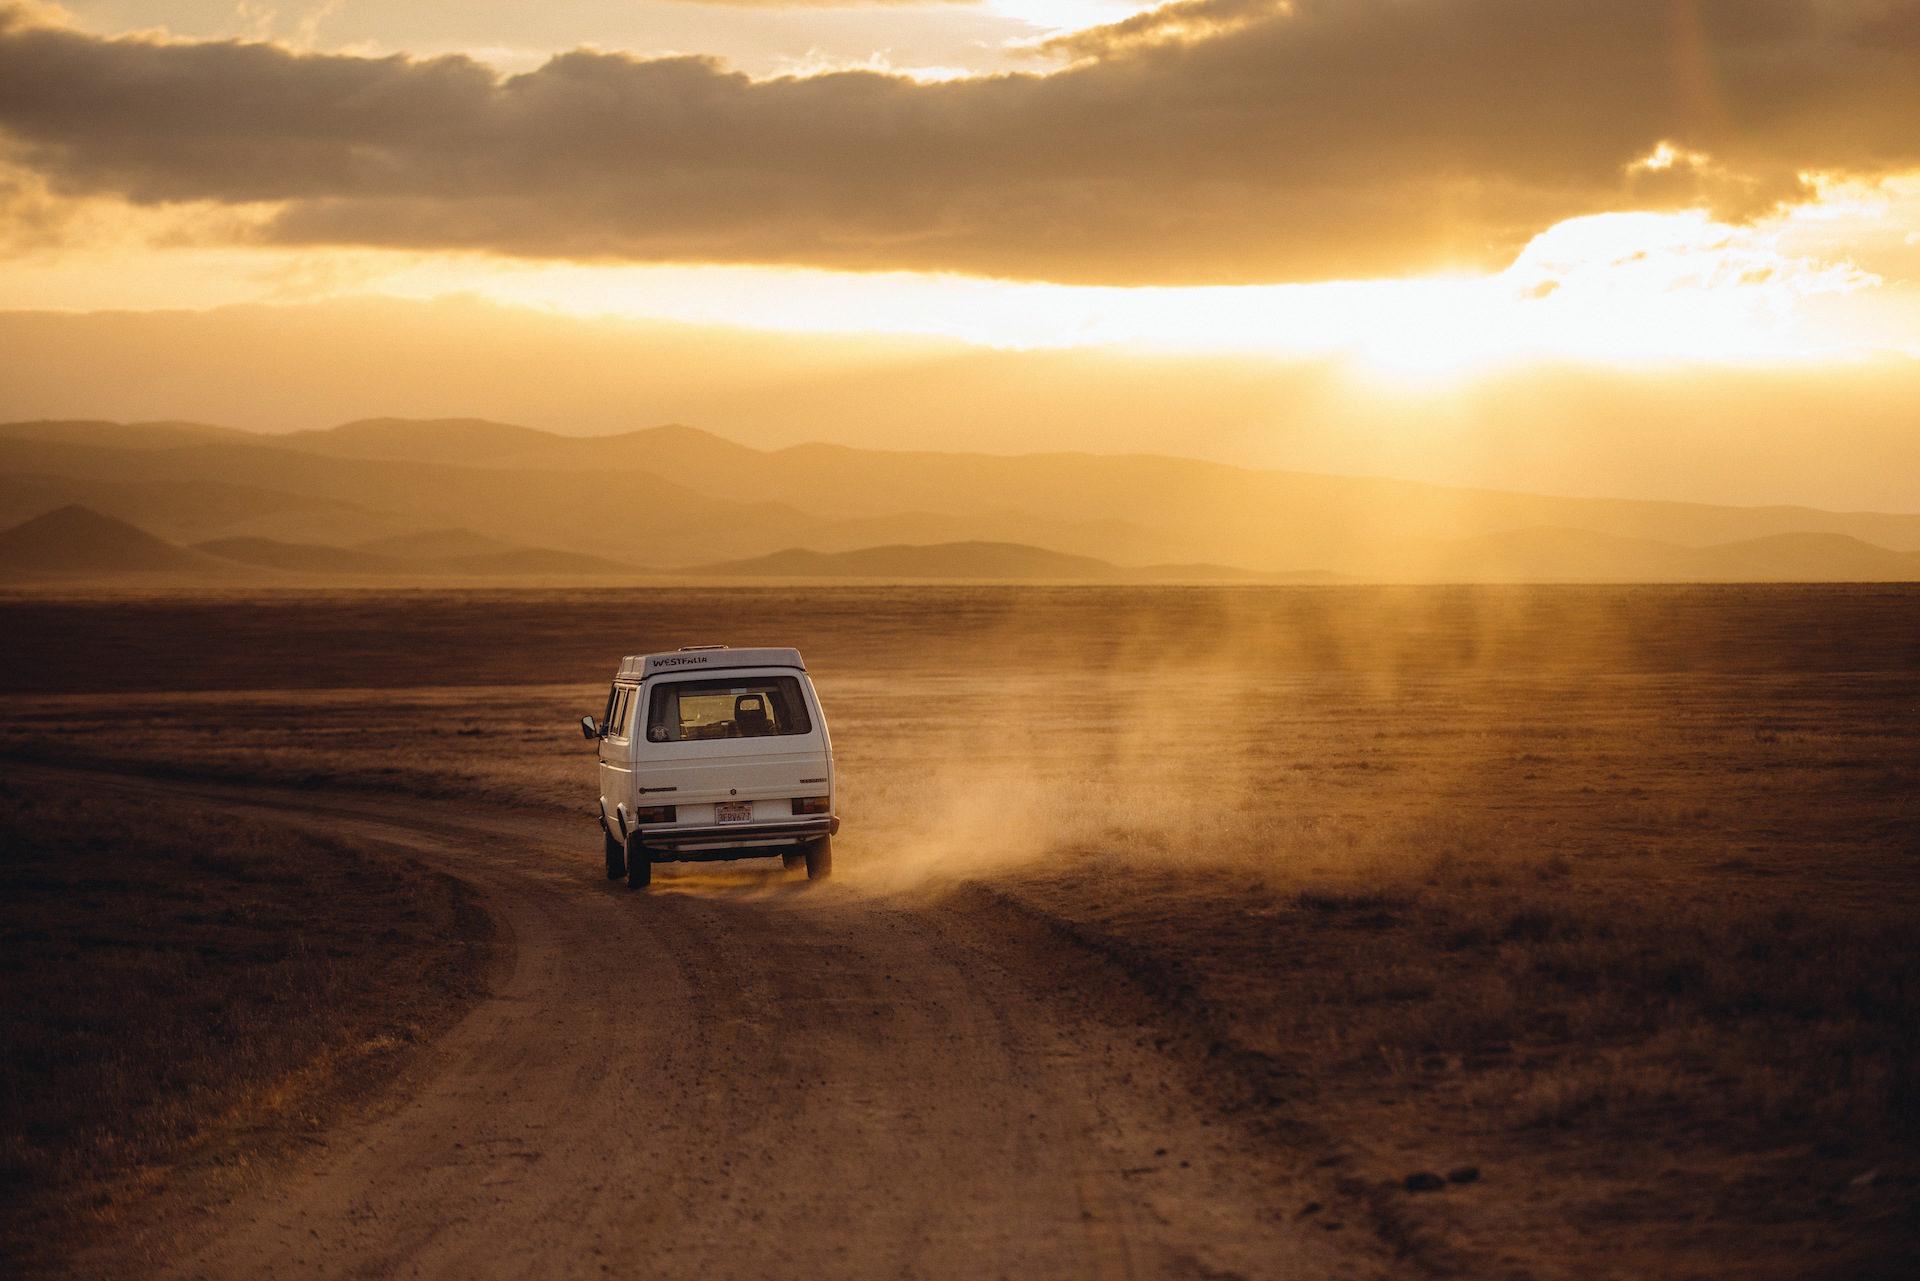 Ван, пустыня, Закат, песок, порошок - Обои HD - Профессор falken.com